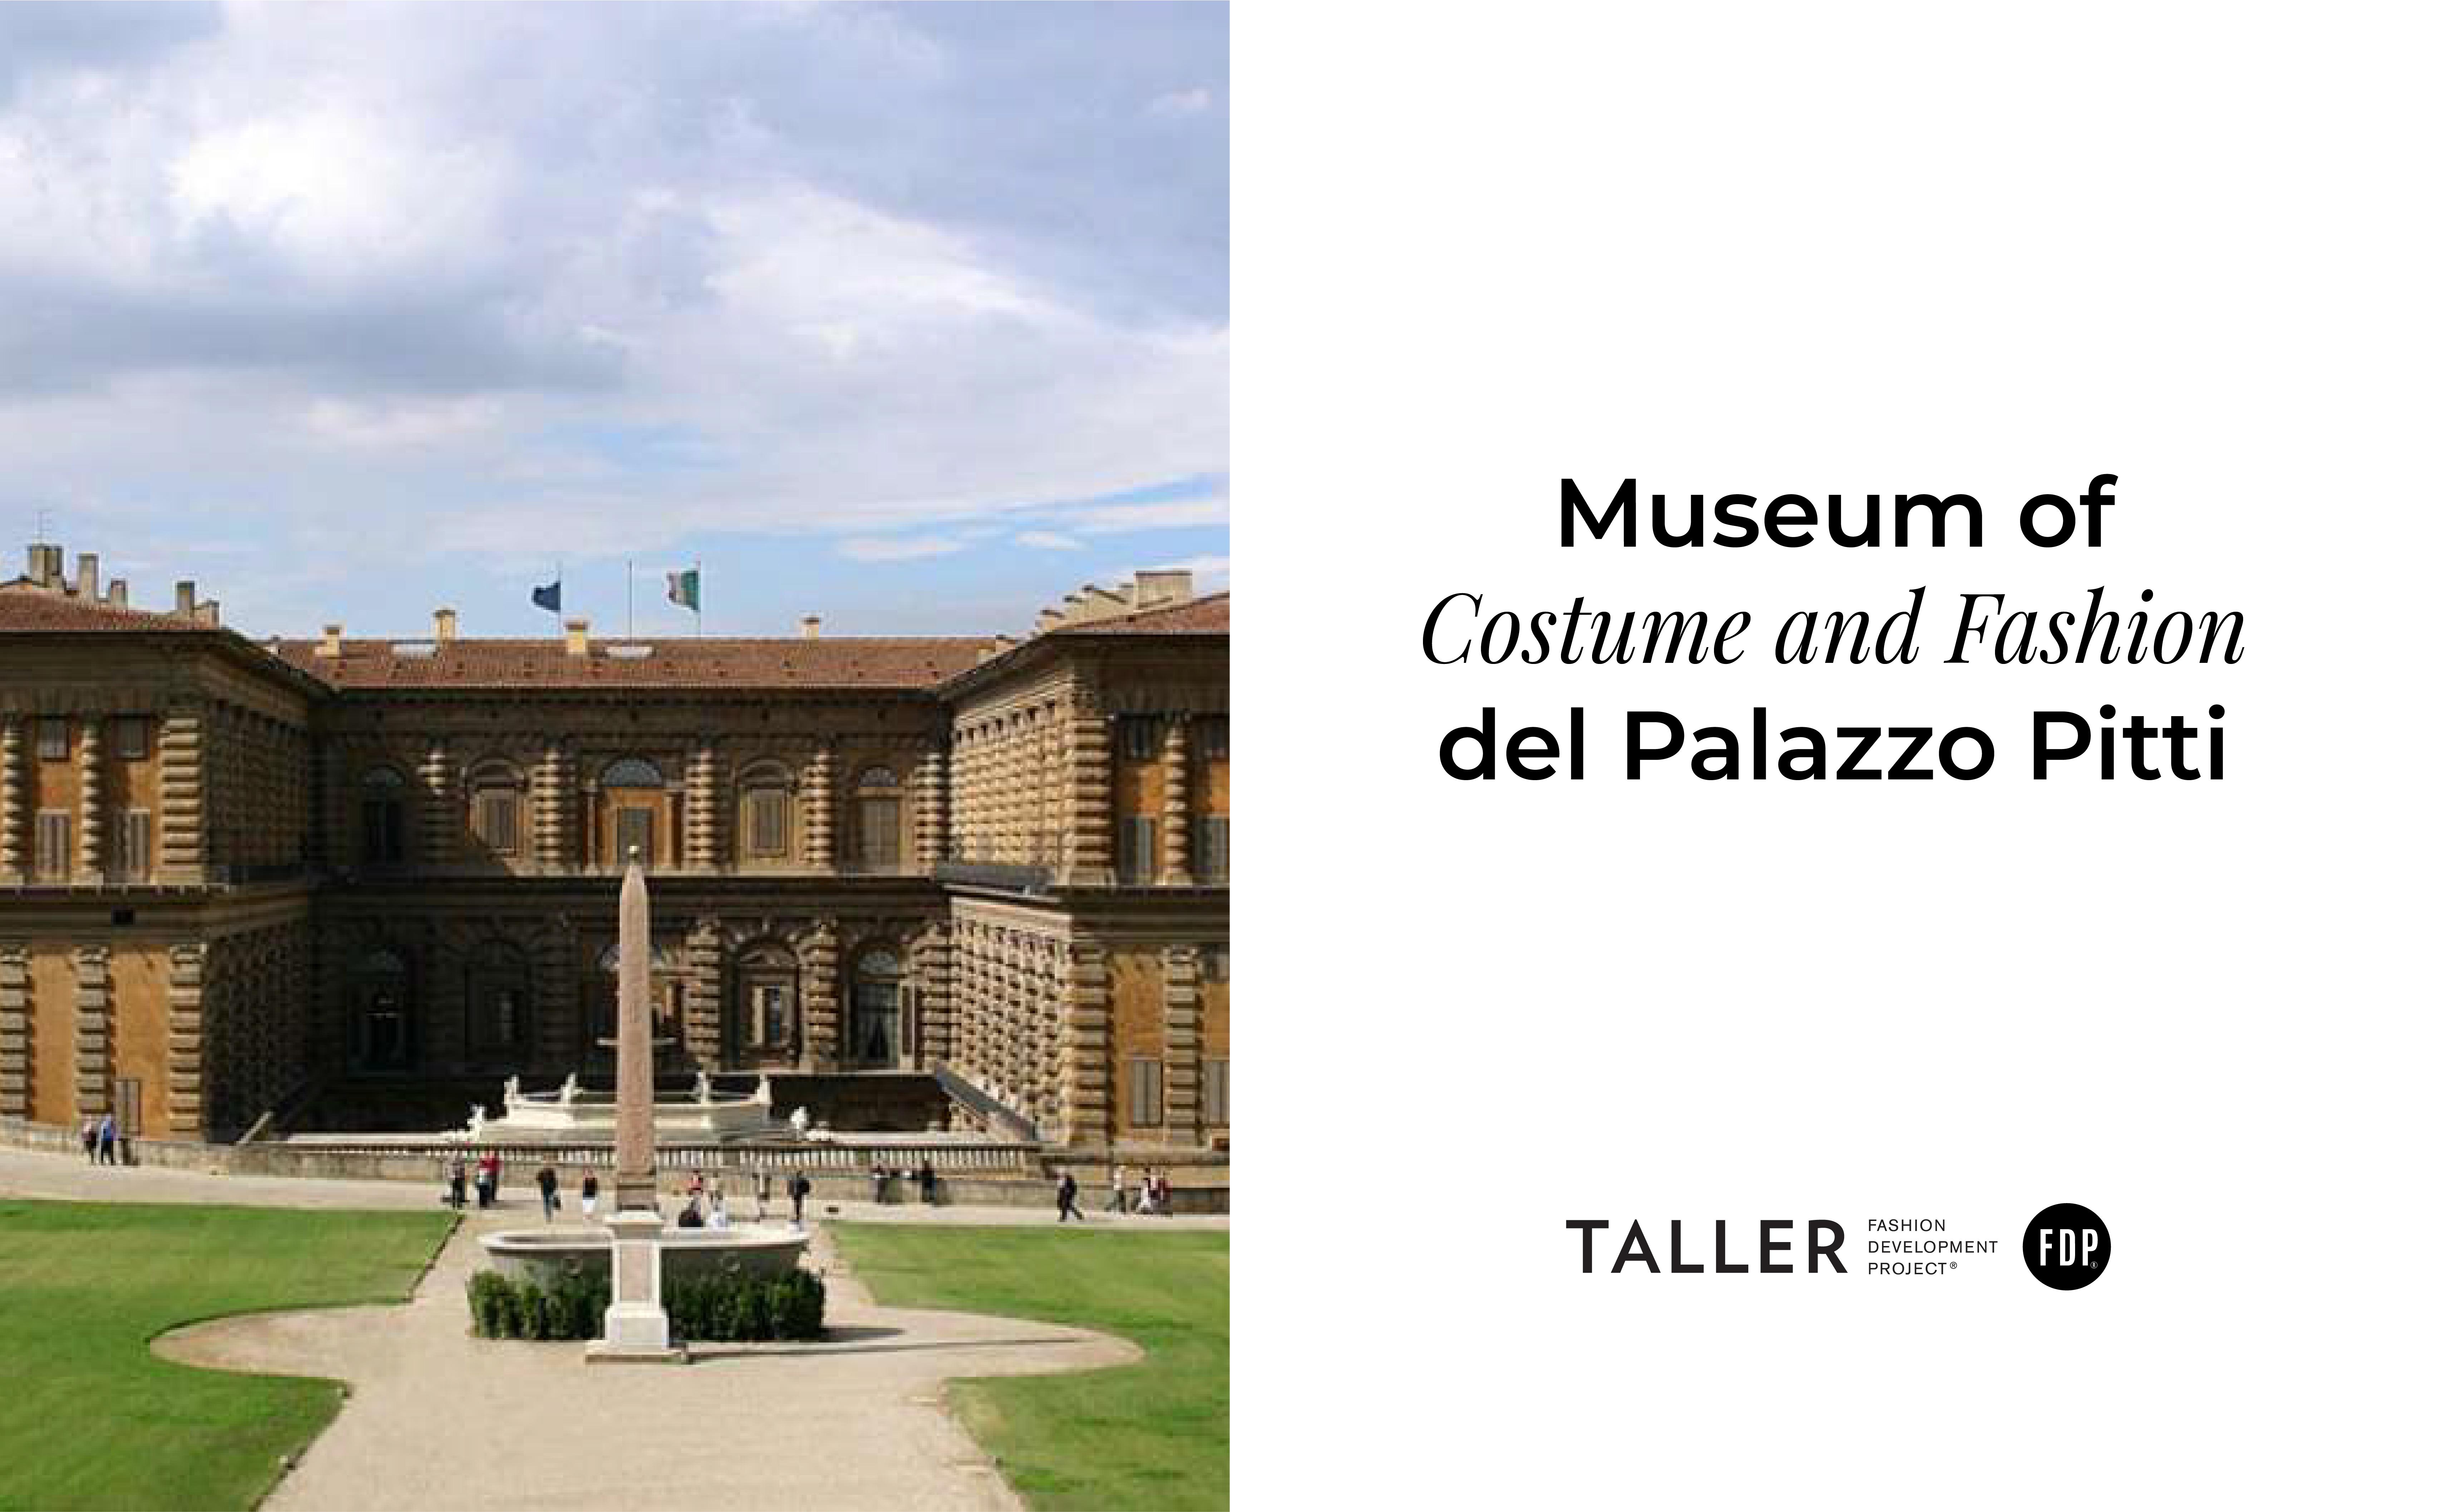 ¿Cuál es la historia detrás del Museum of Costume and Fashion del Palazzo Pitti?